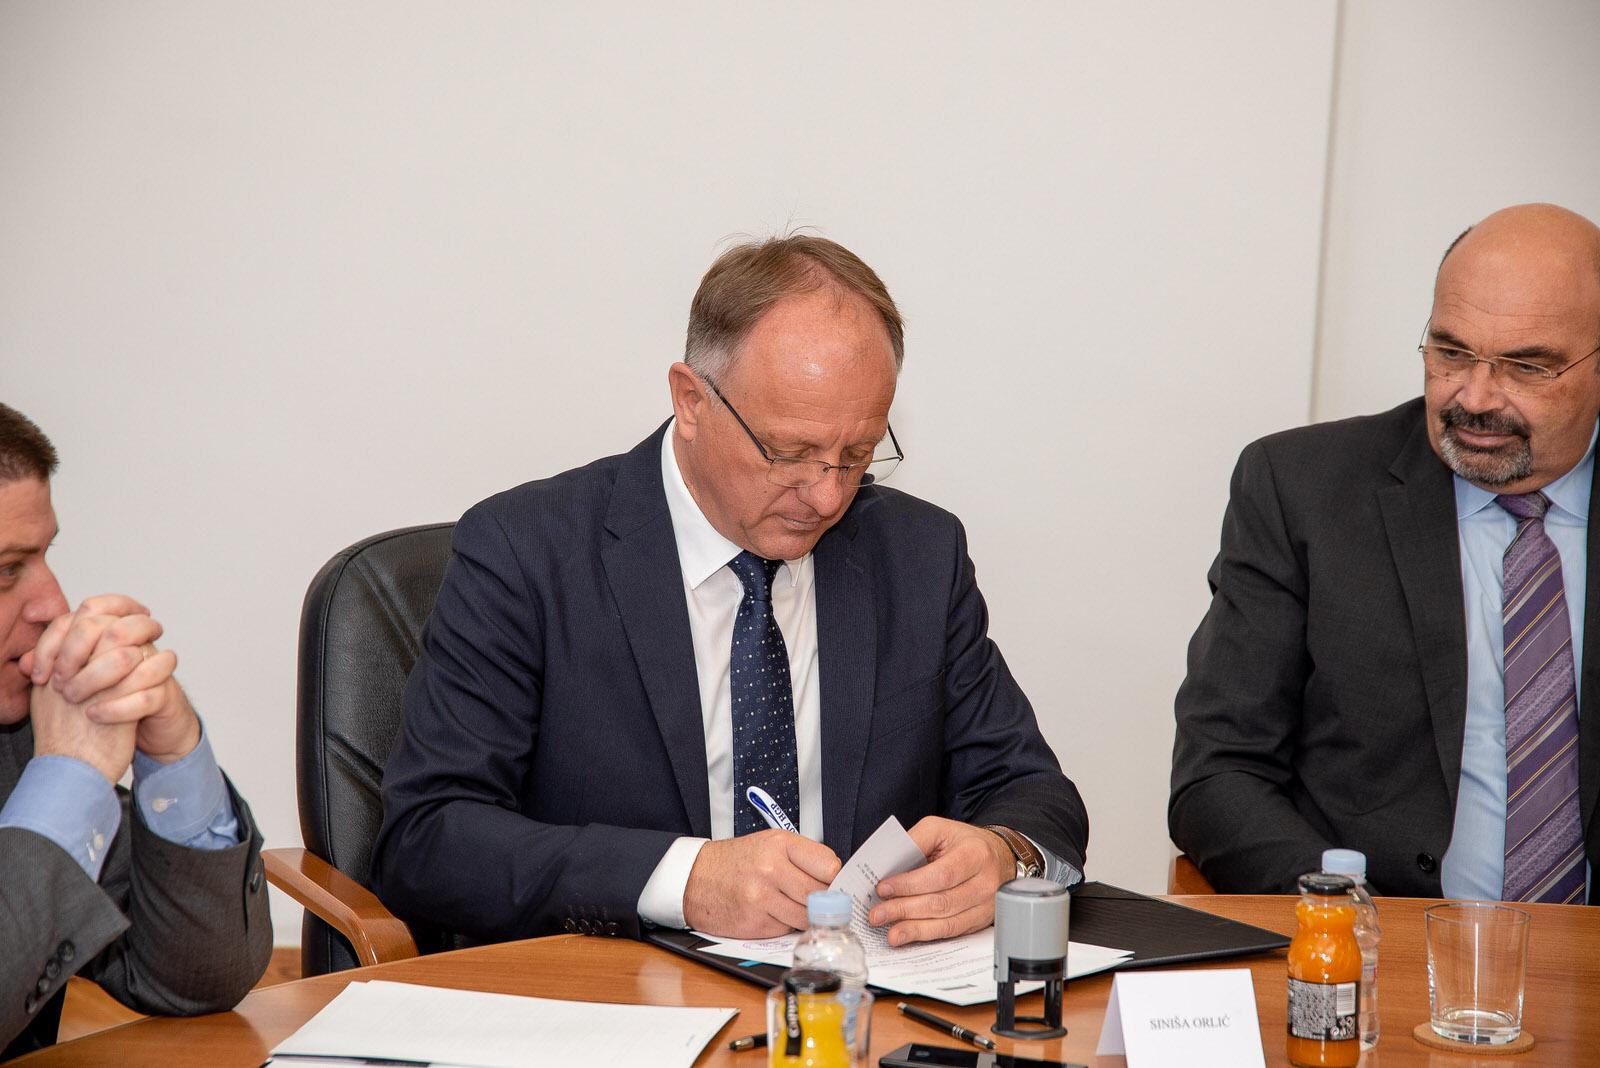 likaclub_svečanosti potpisivanja ugovora i sporazuma_lsž_28-2-2020 (29)